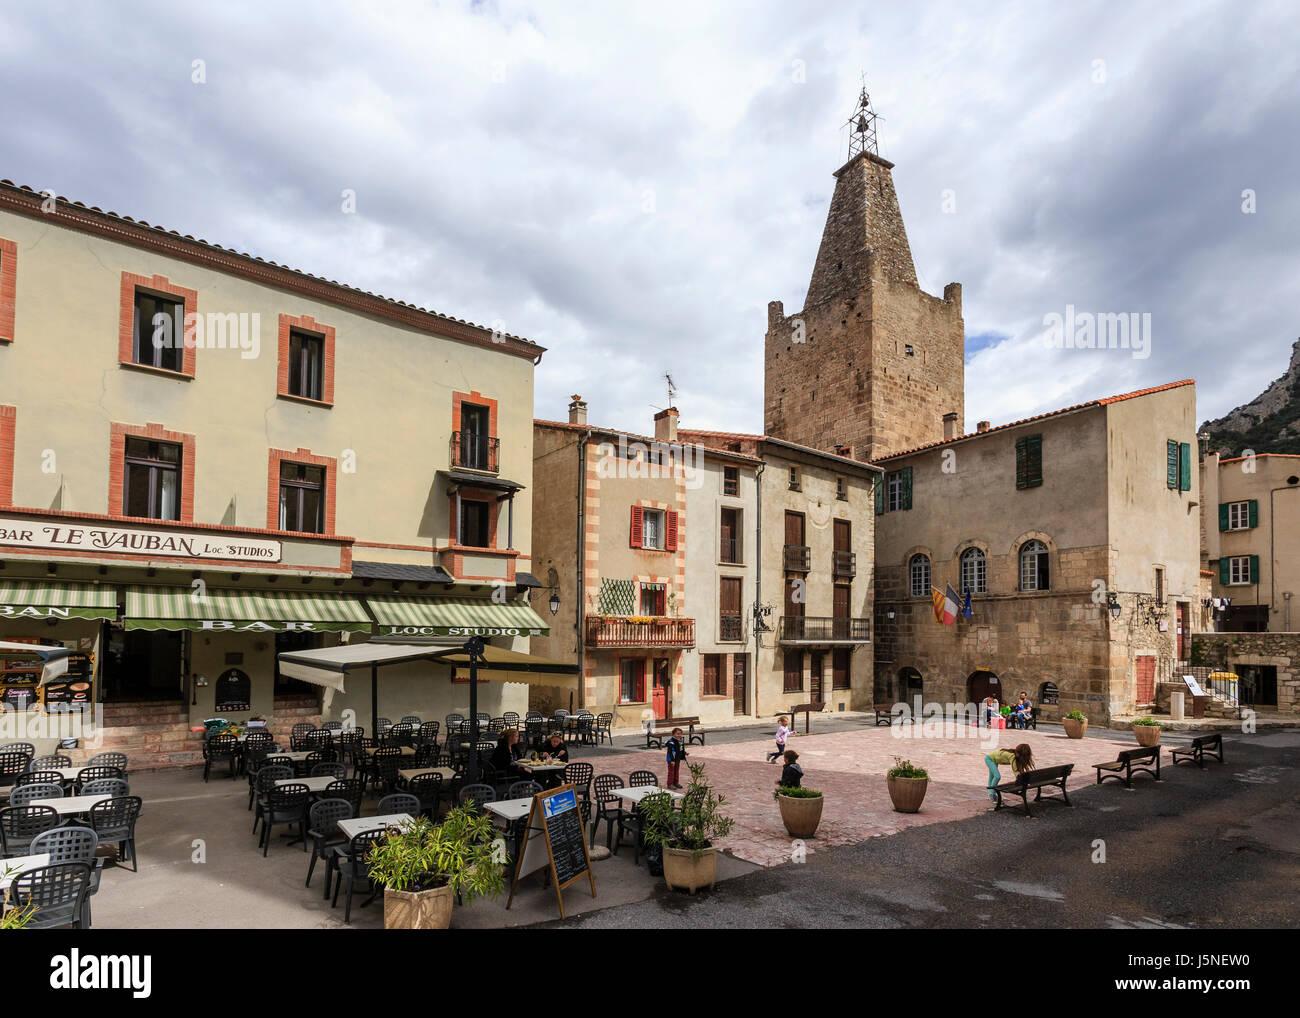 """Frankreich, Pyrenees Orientales, Villefranche de Conflent, """"Les Plus beaux villages de France, Kirche und Rathaus Stockbild"""